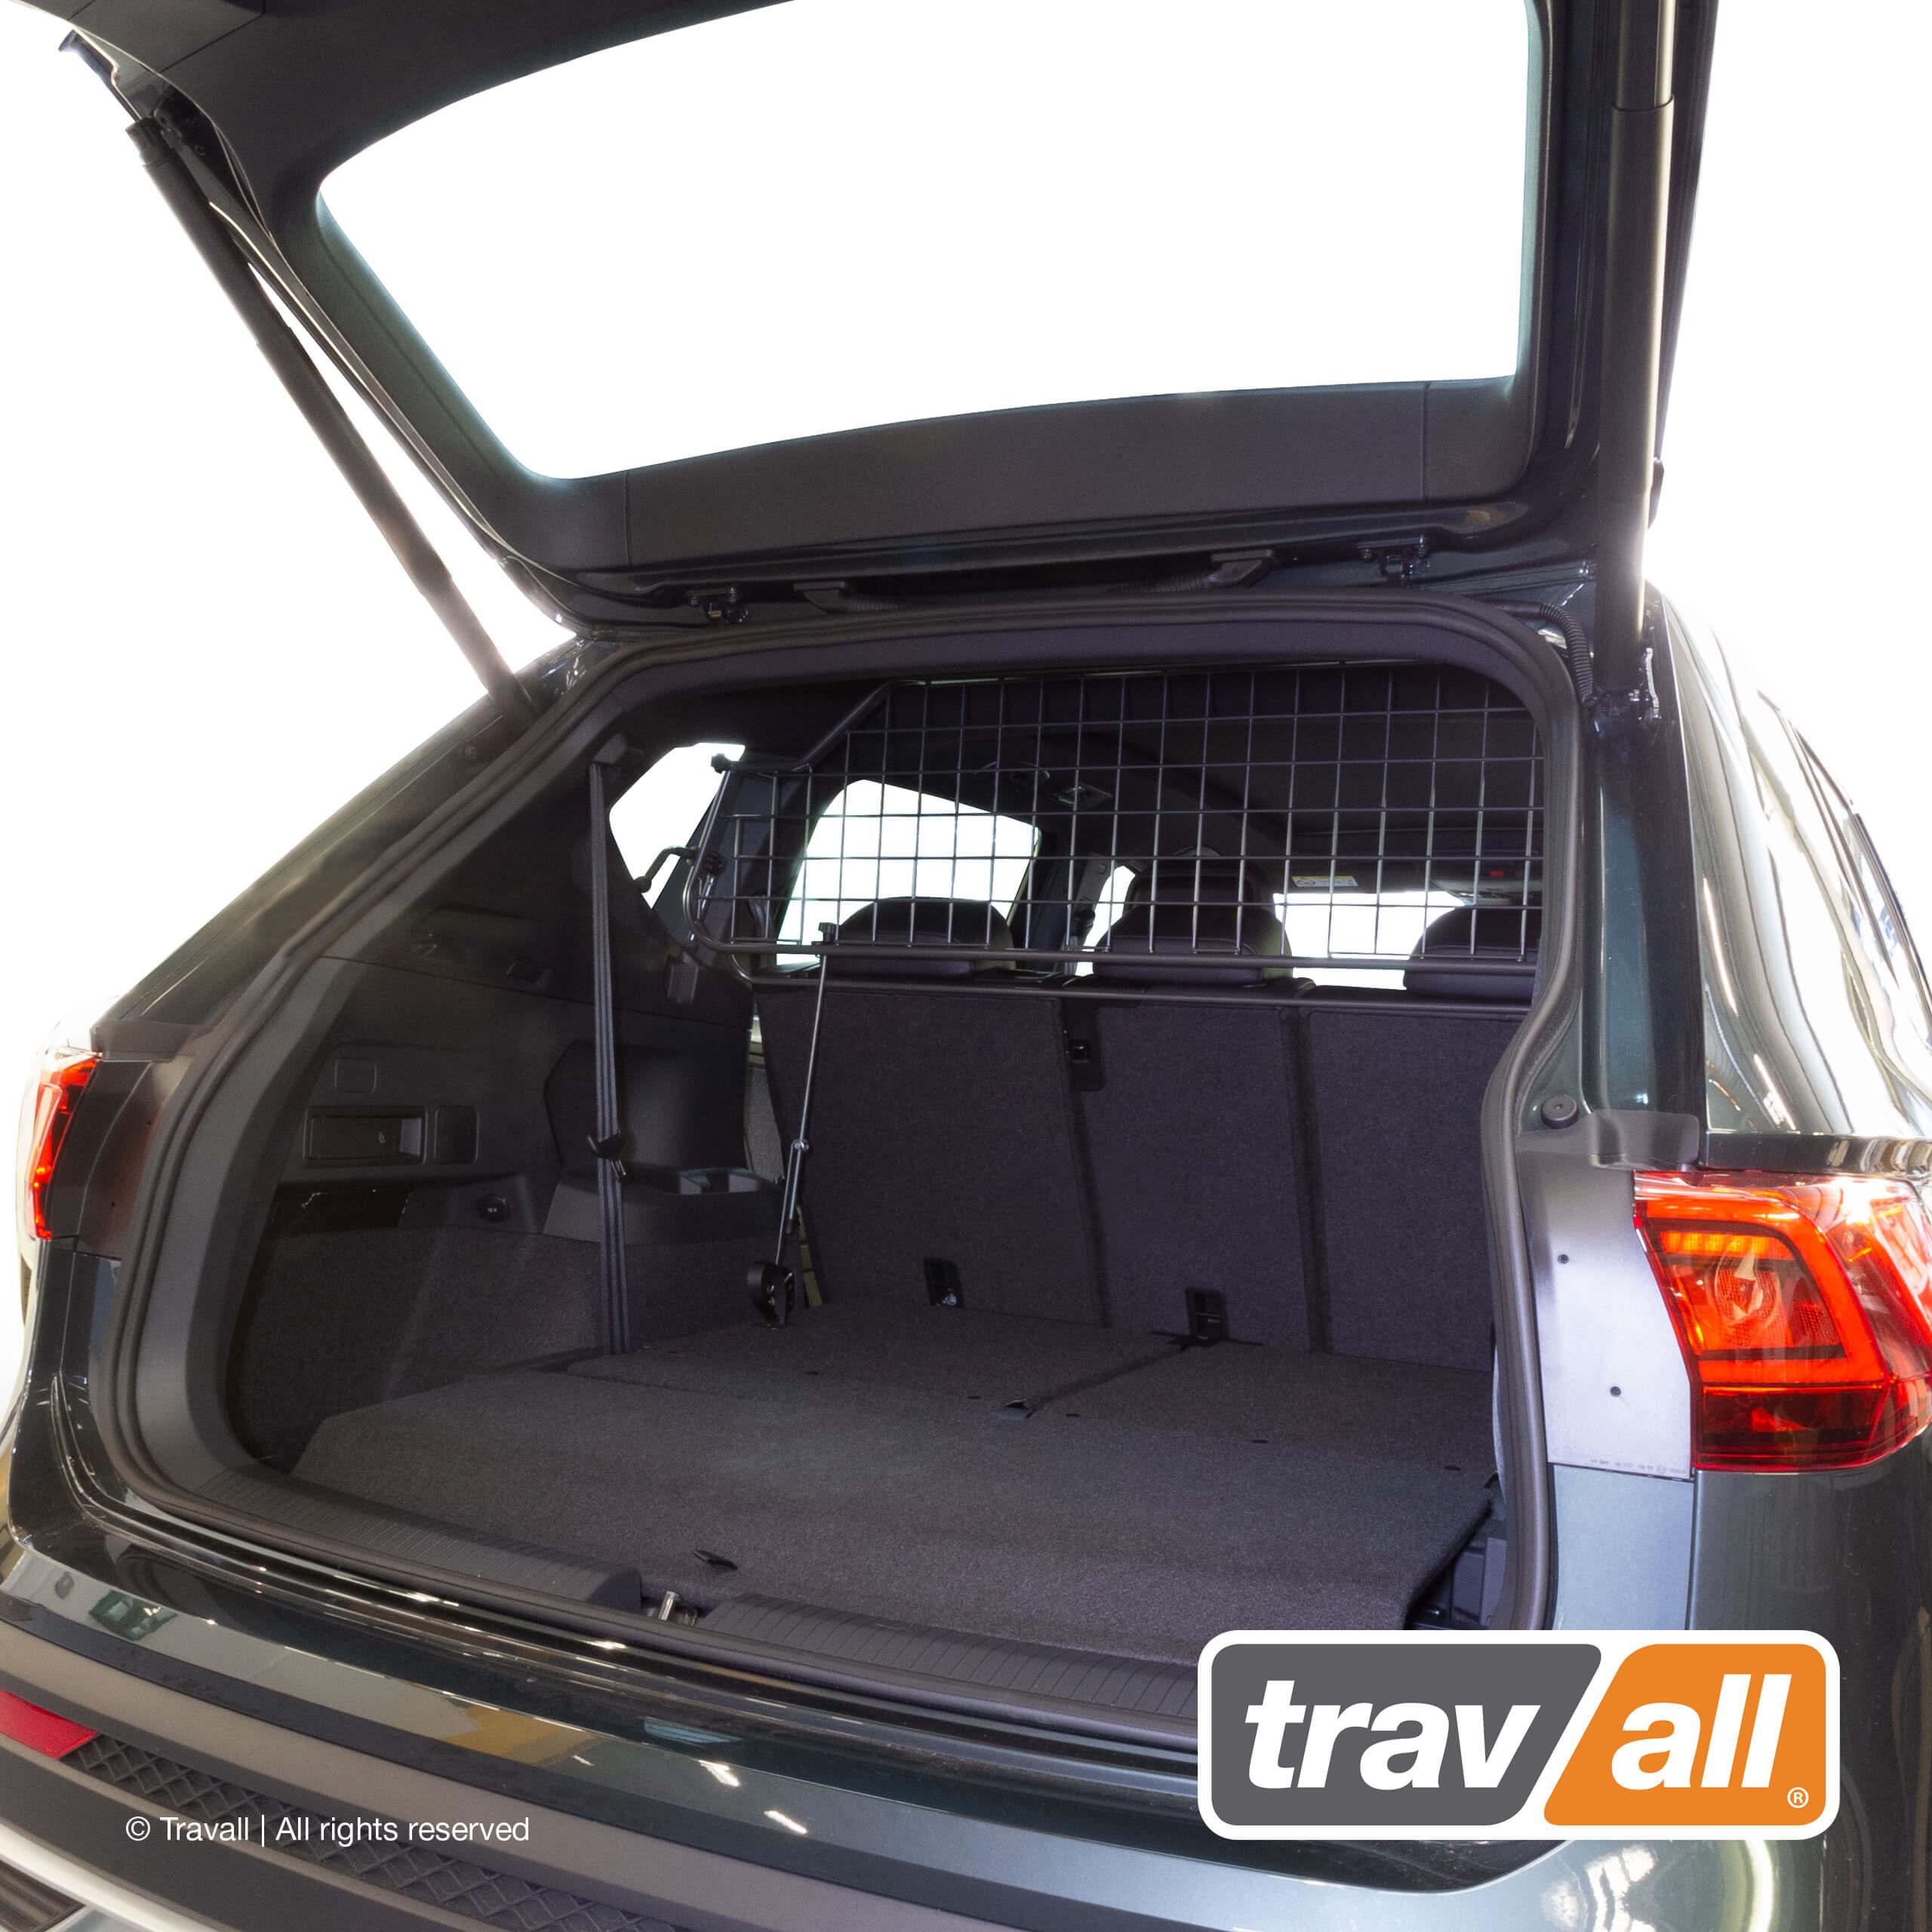 Der SEAT Tarraco ist mit einem maßgefertigten Hundegitter der Marke Travall ausgestattet. Travall ist der weltweit führende Anbieter von fahrzeugspezifischen Hundegittern und Längs-Trenngittern. © Travall